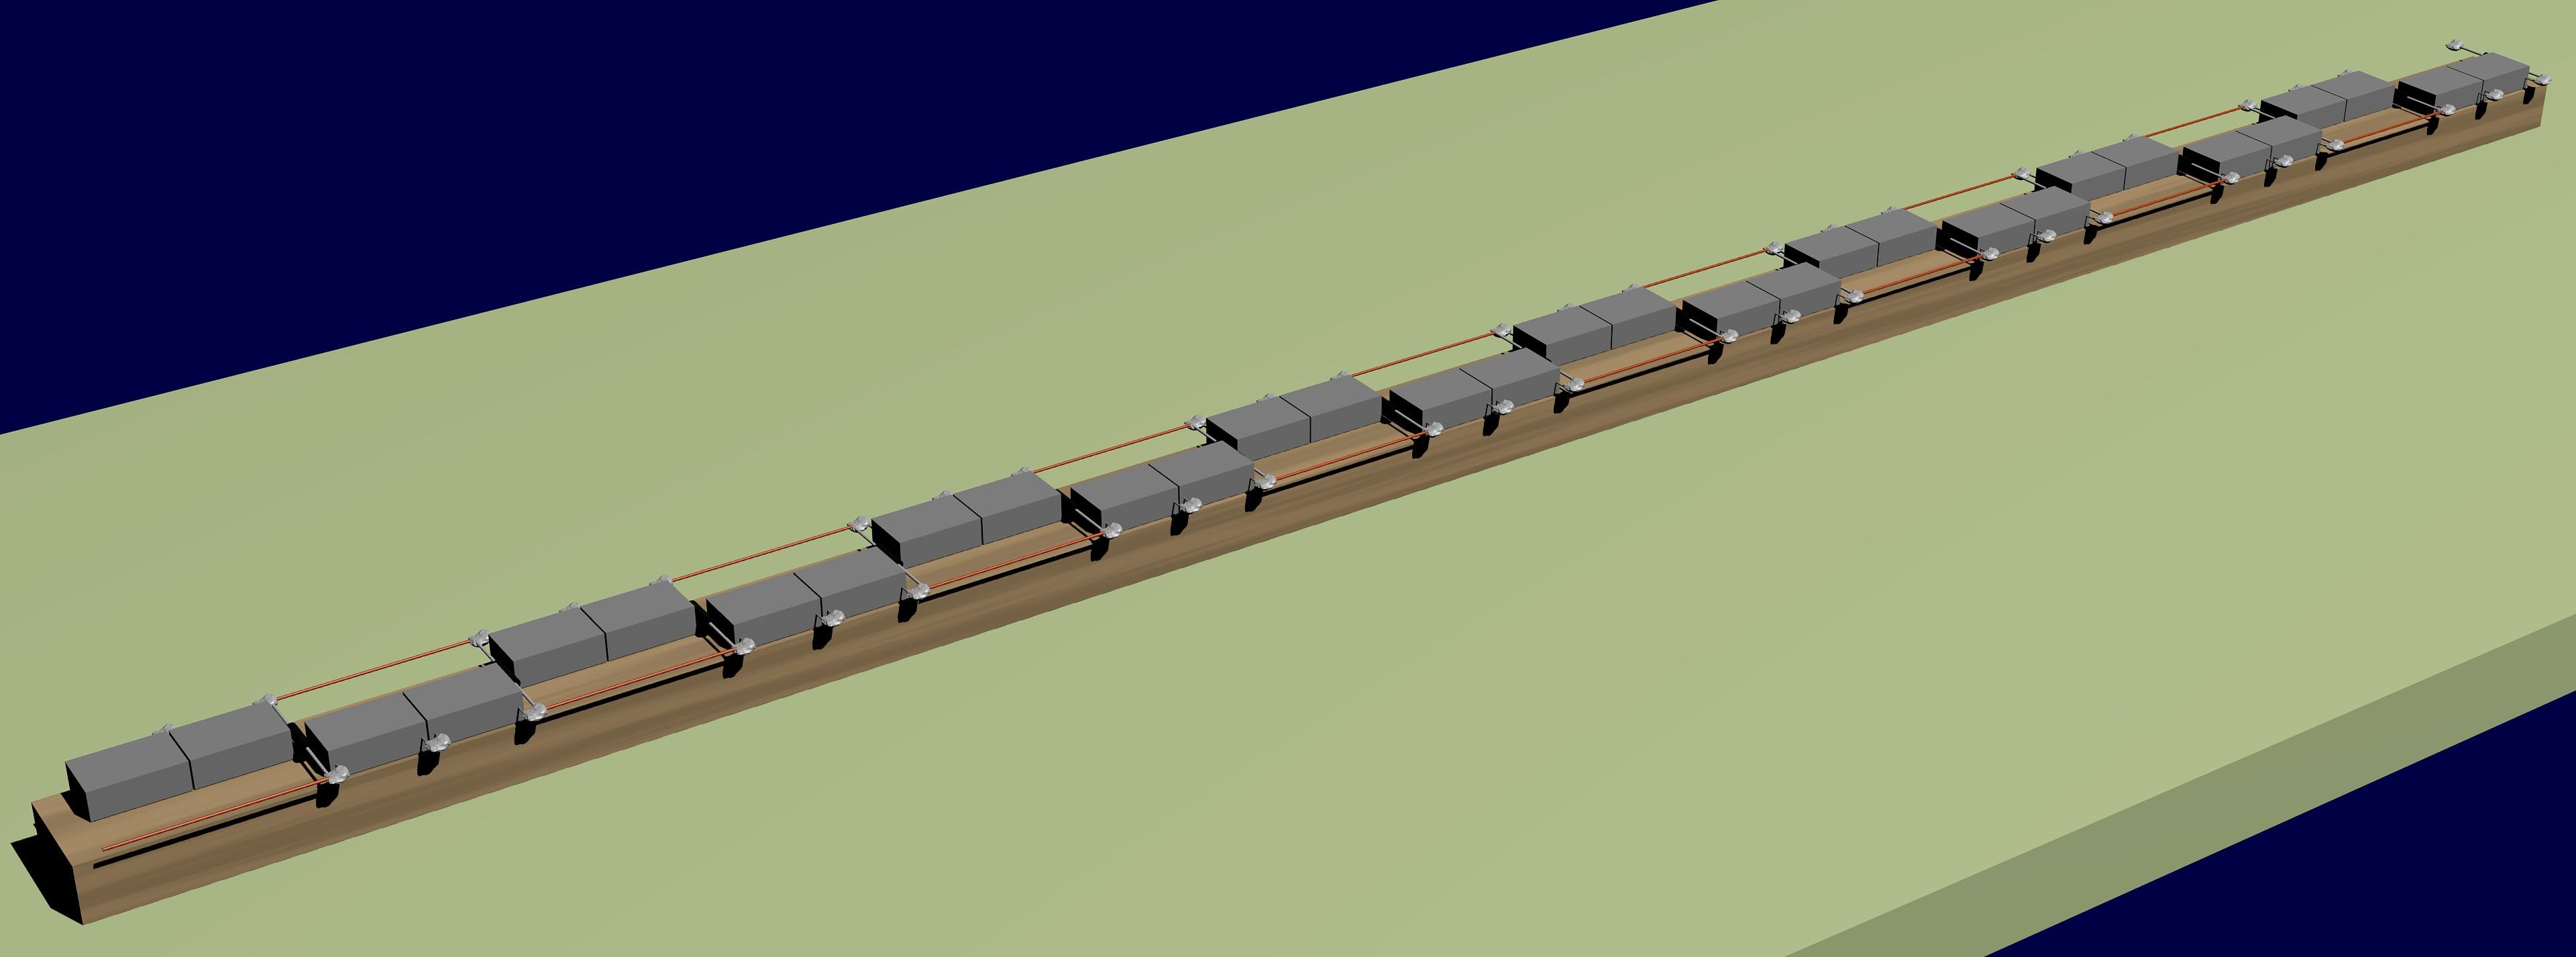 Figura 11: Il montaggio dei componenti in 3D.